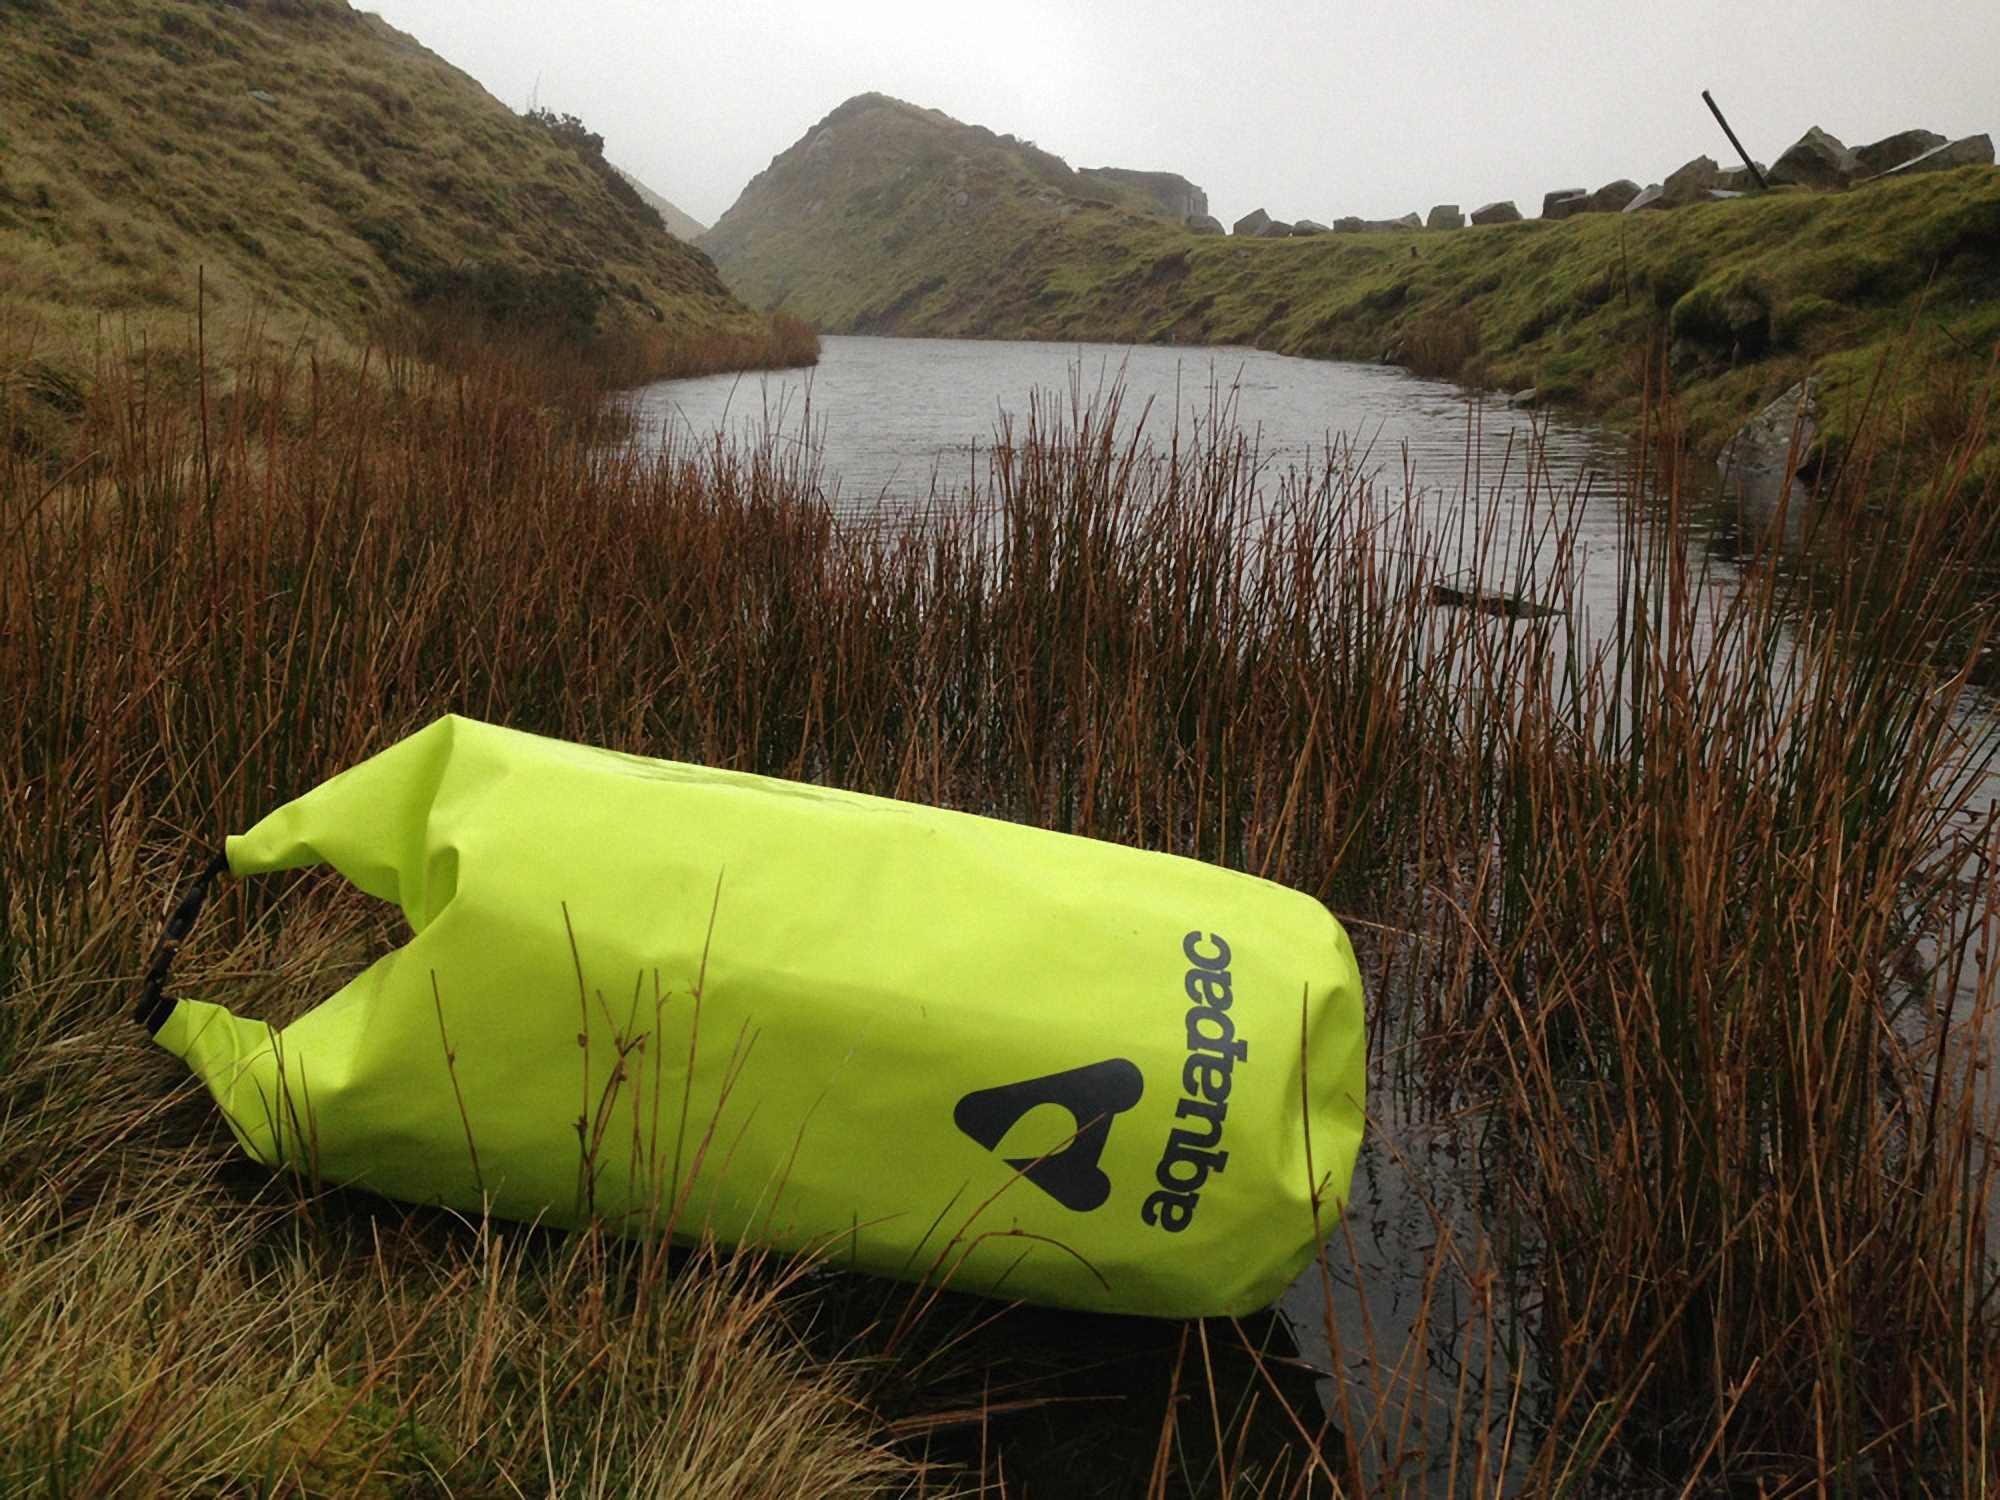 Водонепроницаемый гермомешок Aquapac 717 - TrailProof  Drybags - 70L.. Aquapac - №1 в мире водонепроницаемых чехлов и сумок. Фото 3